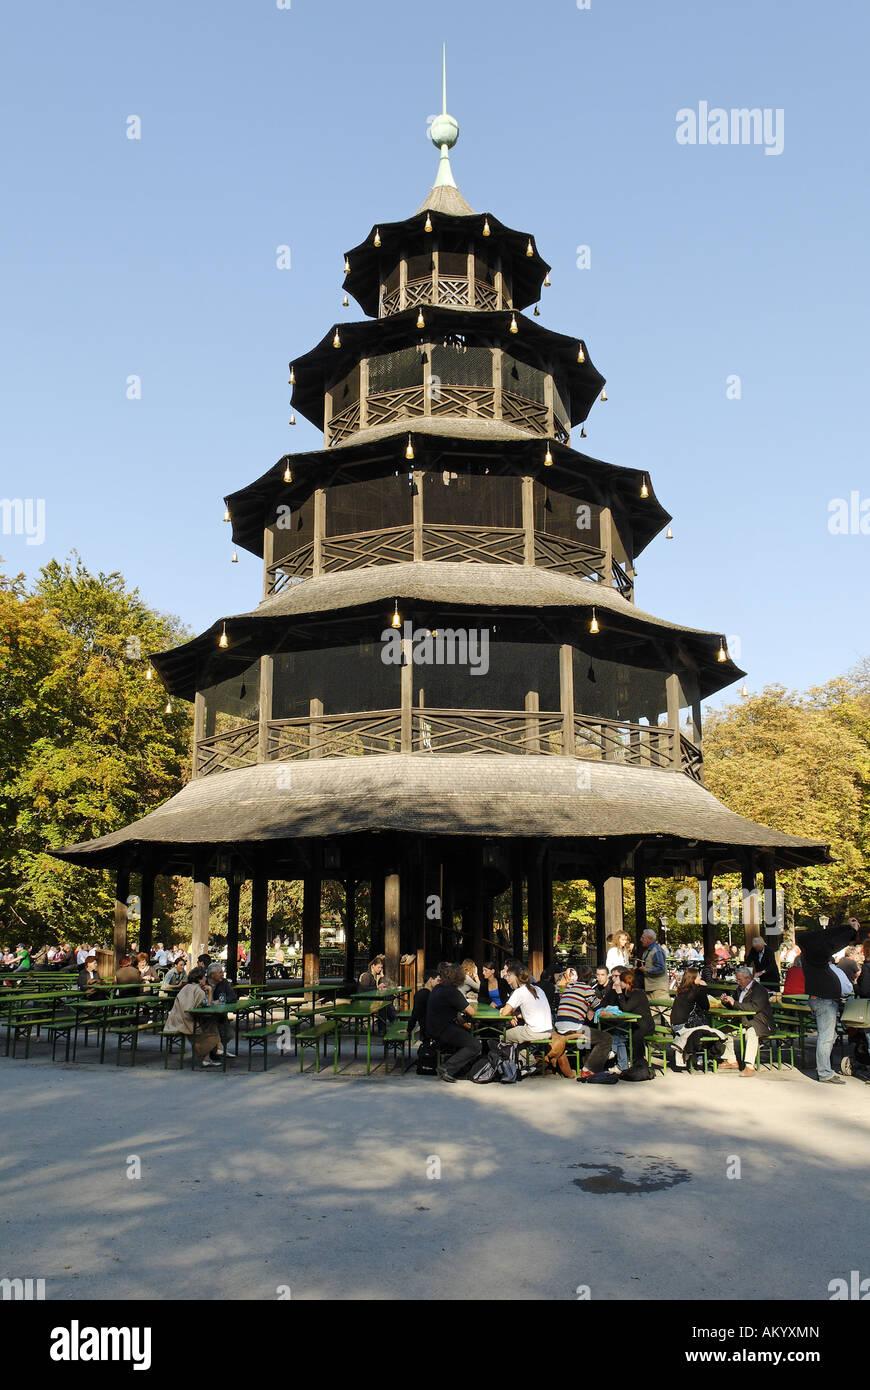 Turm Englisch